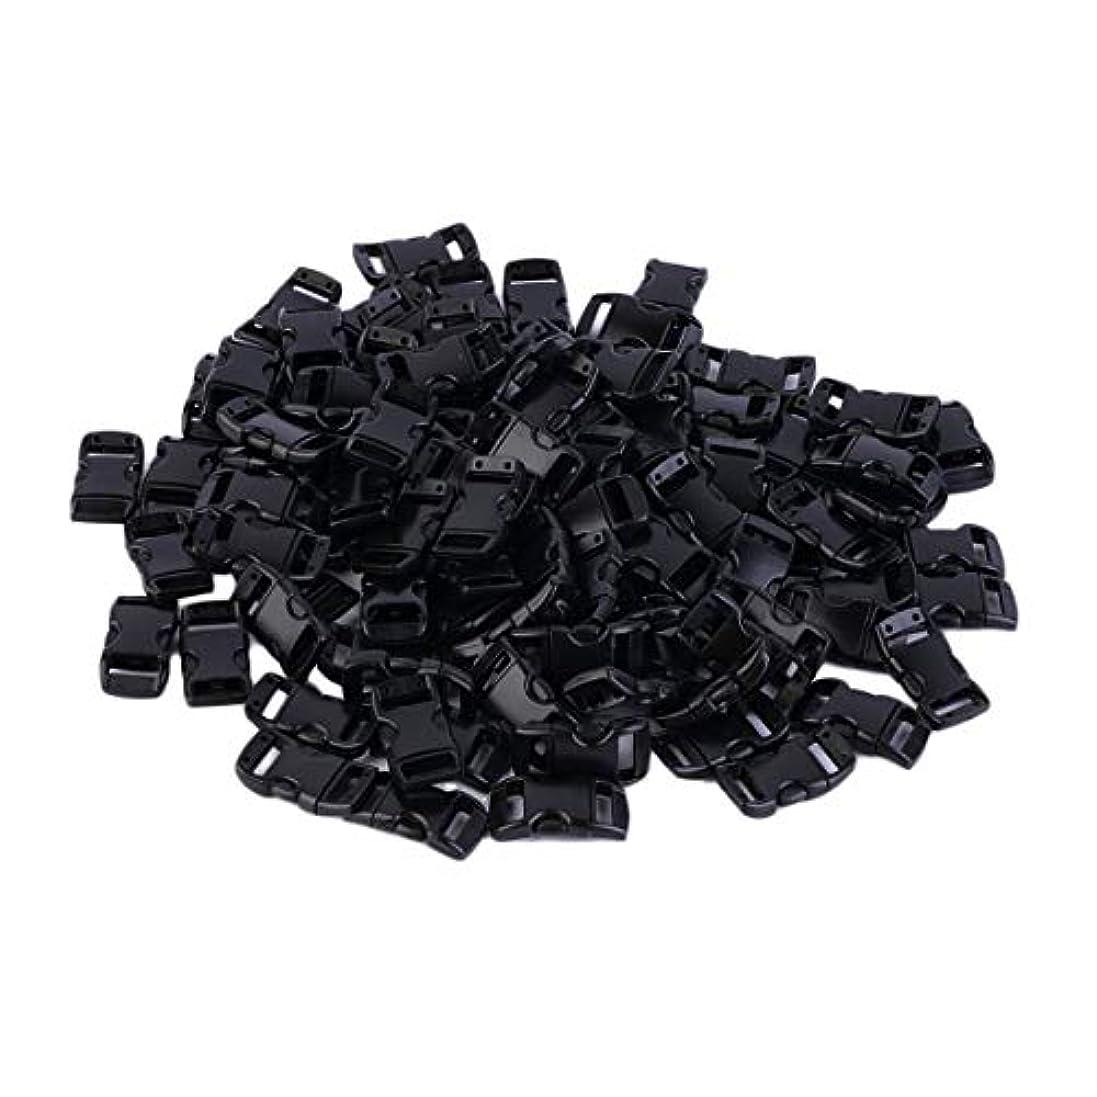 佐賀ファン教えてBlackfell プラスチック100個ウェビングスロット3/8インチ輪郭の湾曲したサイドリリースバックル用パラコードブレスレット約28 x 18 mm